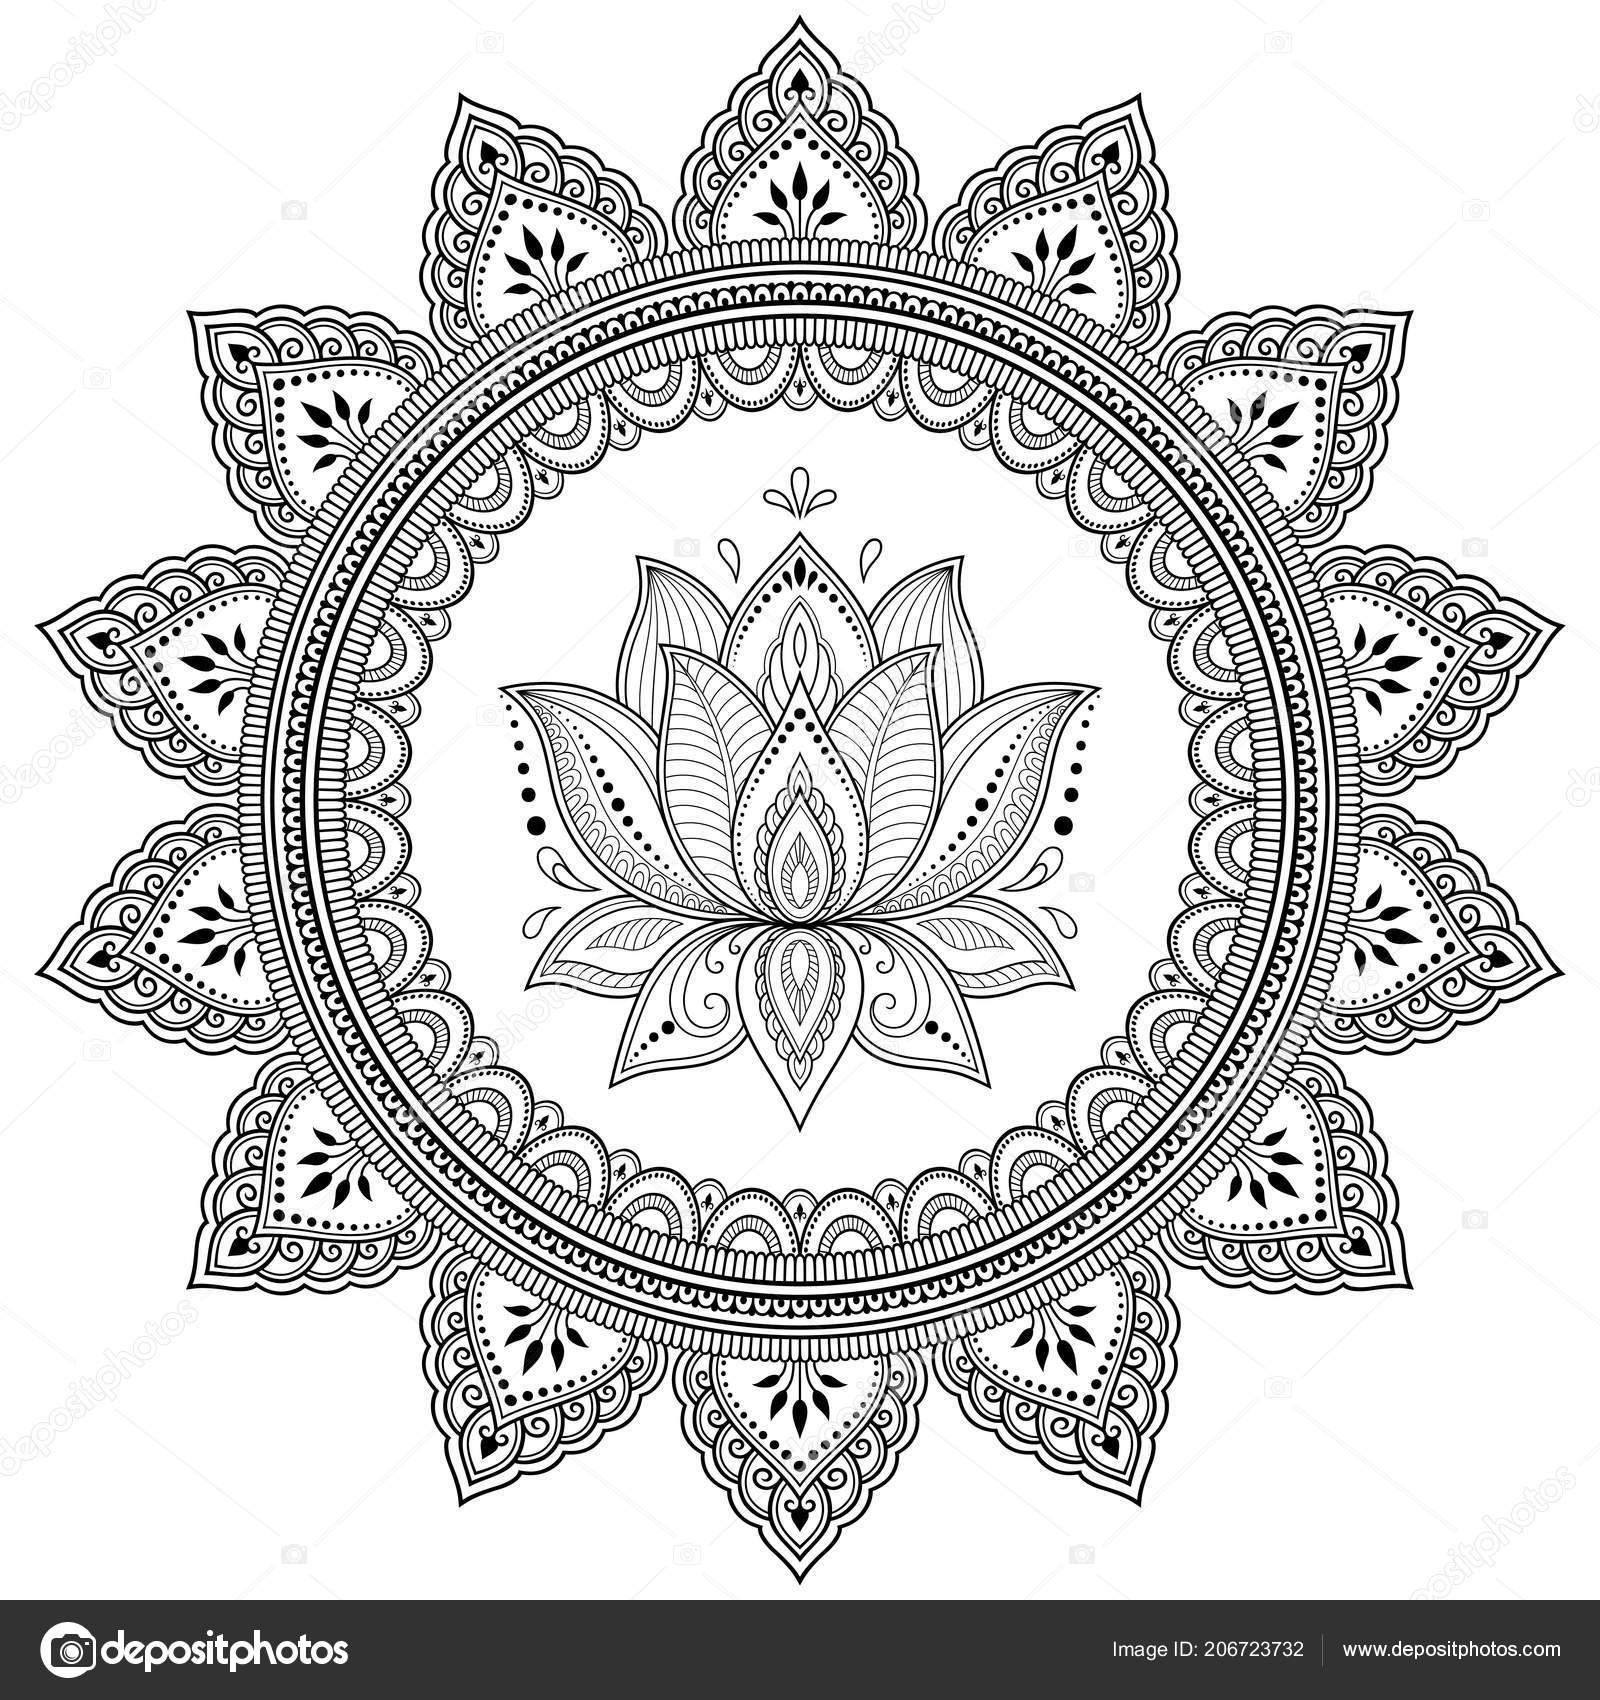 Circulaire Patroon Vorm Van Een Mandala Met Lotusbloem Voor Henna